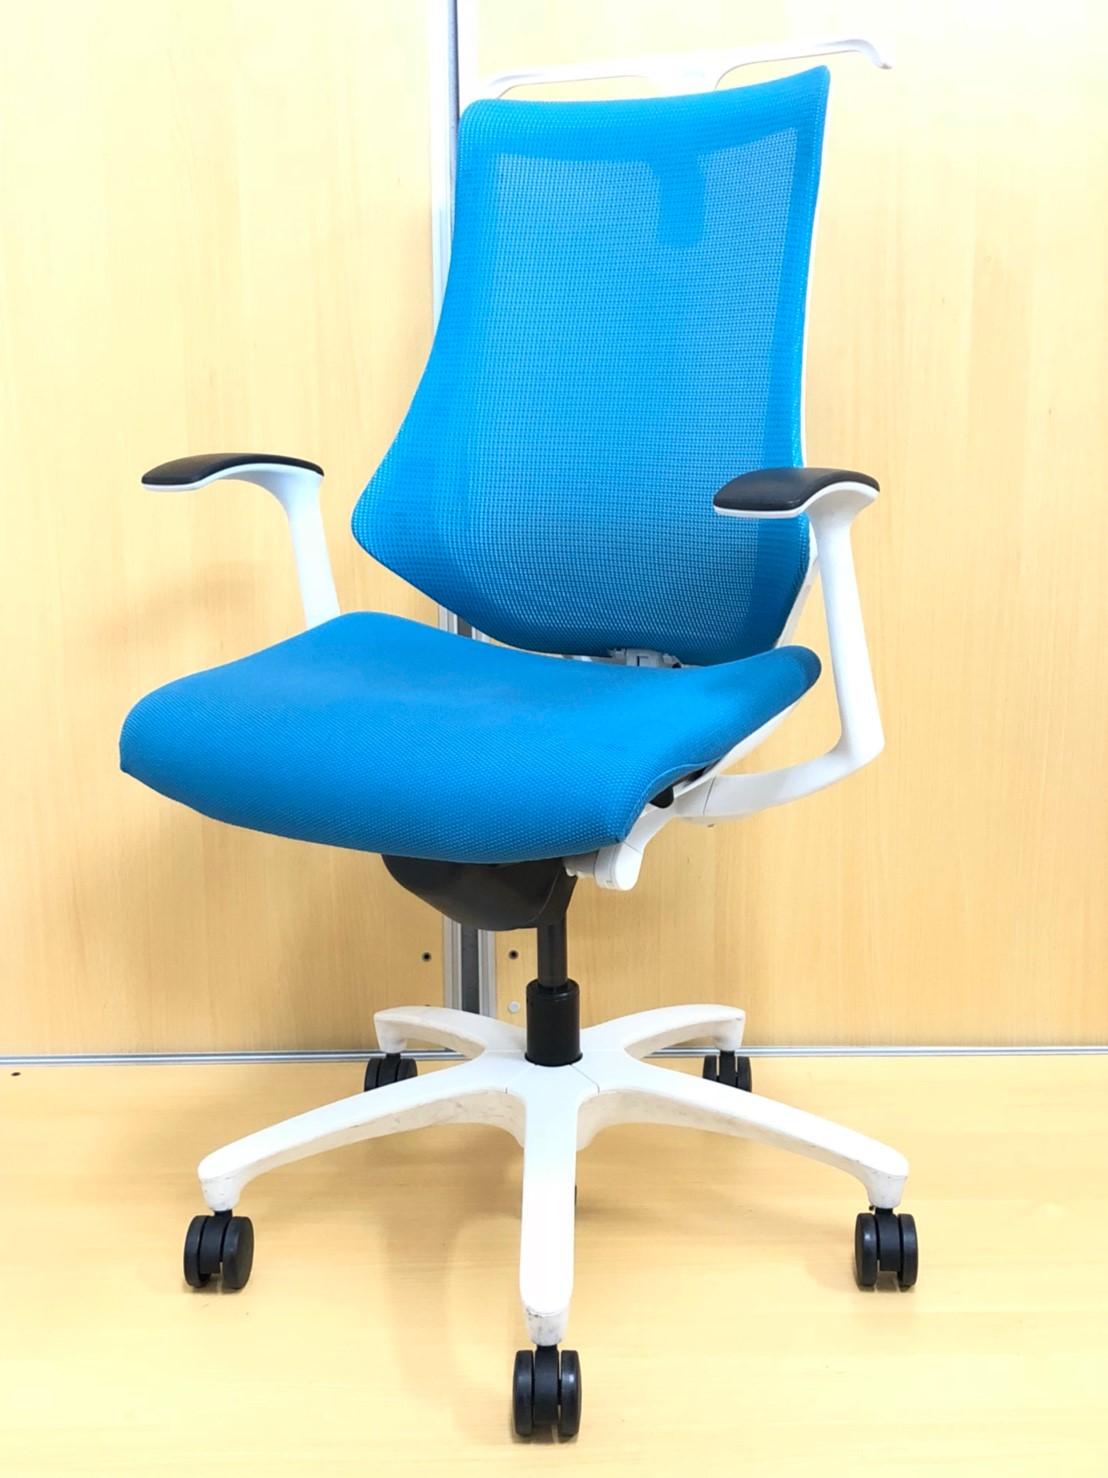 【独特な形で人気!】腰をキャッチし、腕は自由に!執務室用にはもちろん、会議室用にもおすすめ!